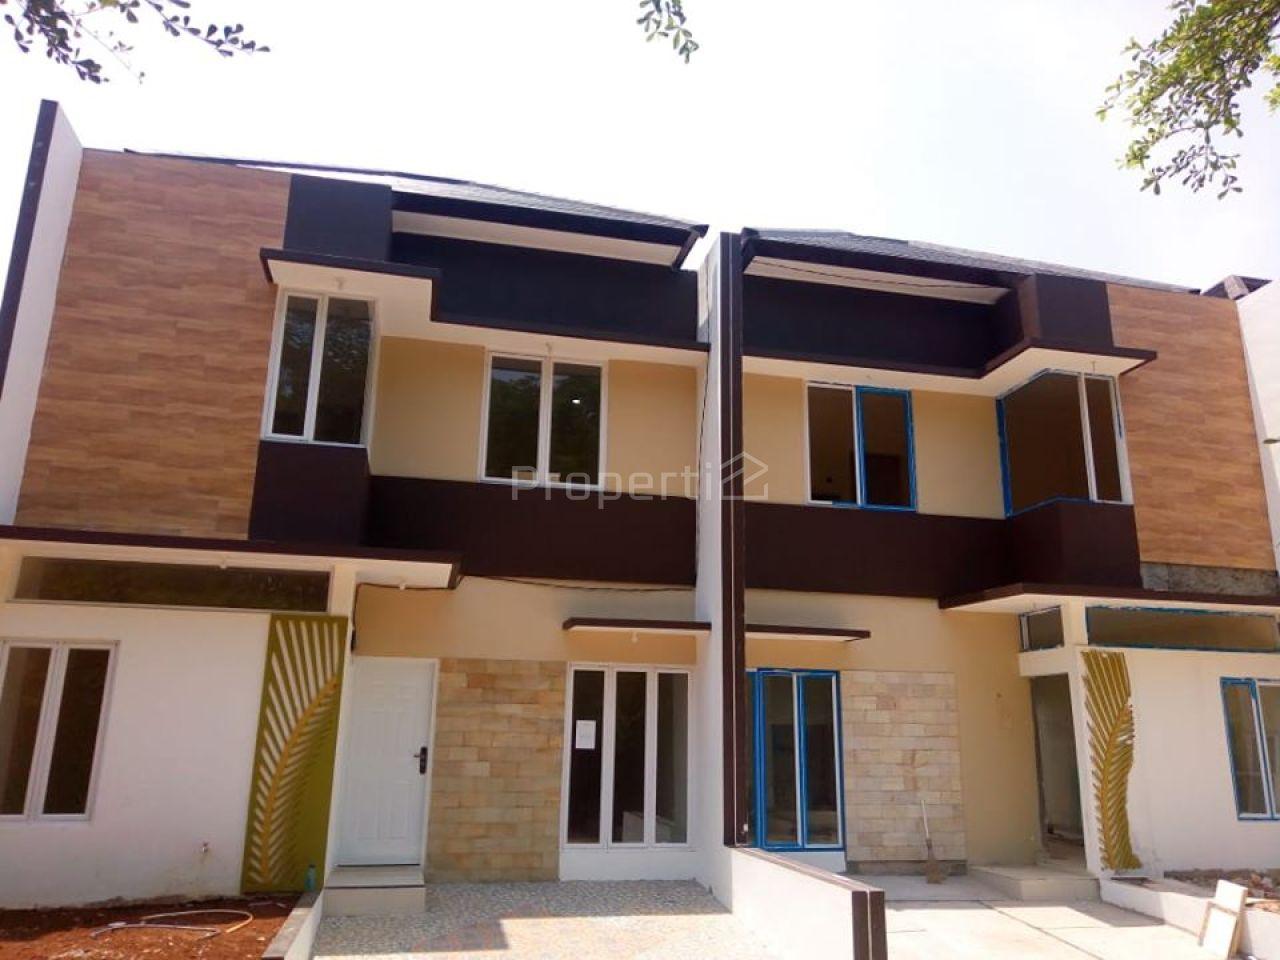 Rumah Baru di Perumahan Palem Lestari - Jual Beli Rumah ...